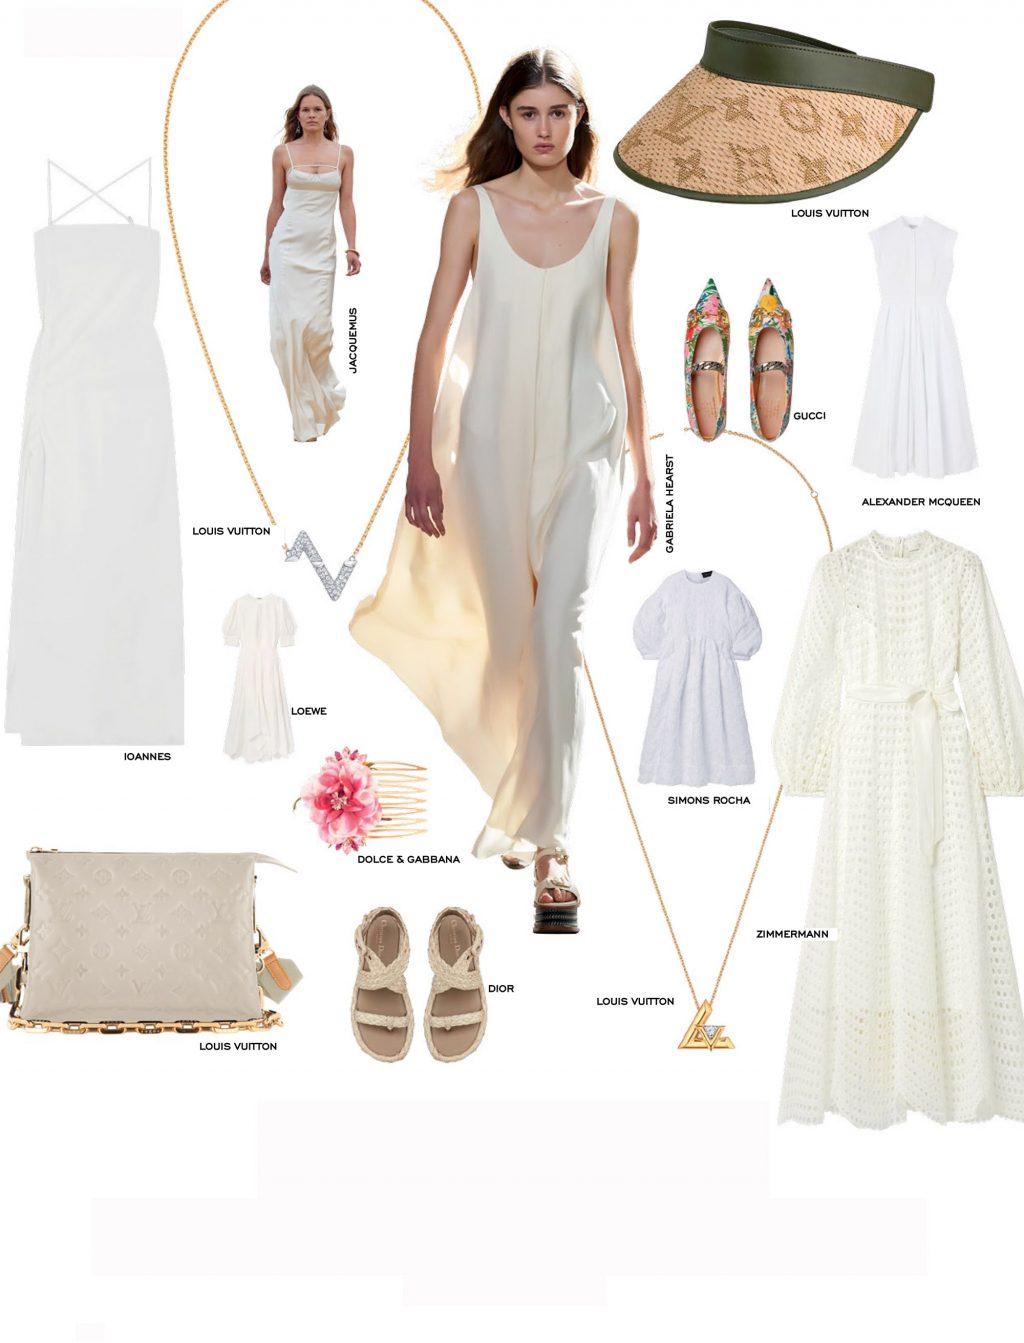 sandals kết hợp cùng đầm trắng